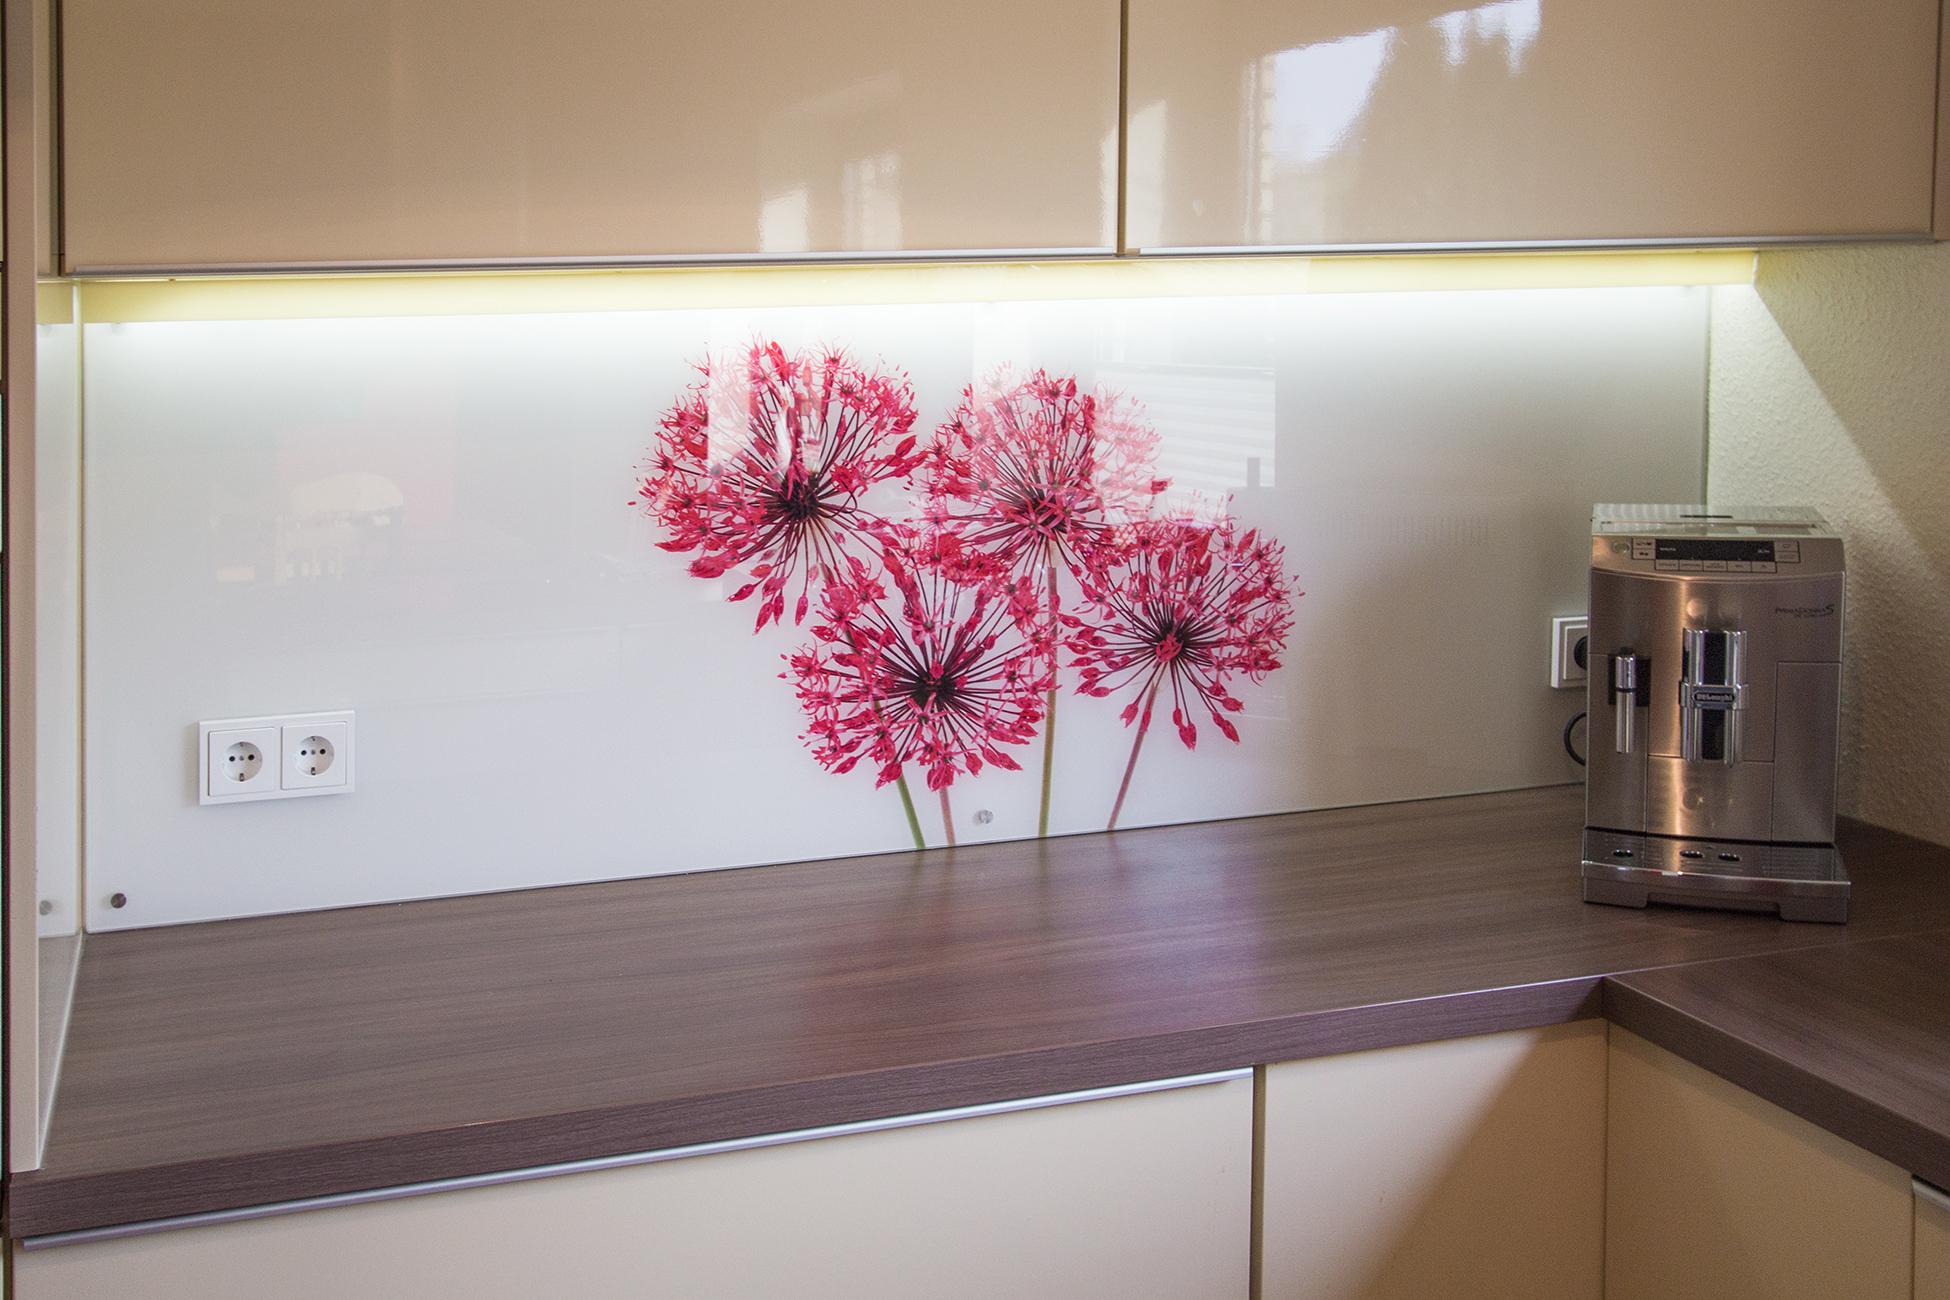 individueller druck von fotos und bilder auf echtem glas direktdruck hamburg. Black Bedroom Furniture Sets. Home Design Ideas